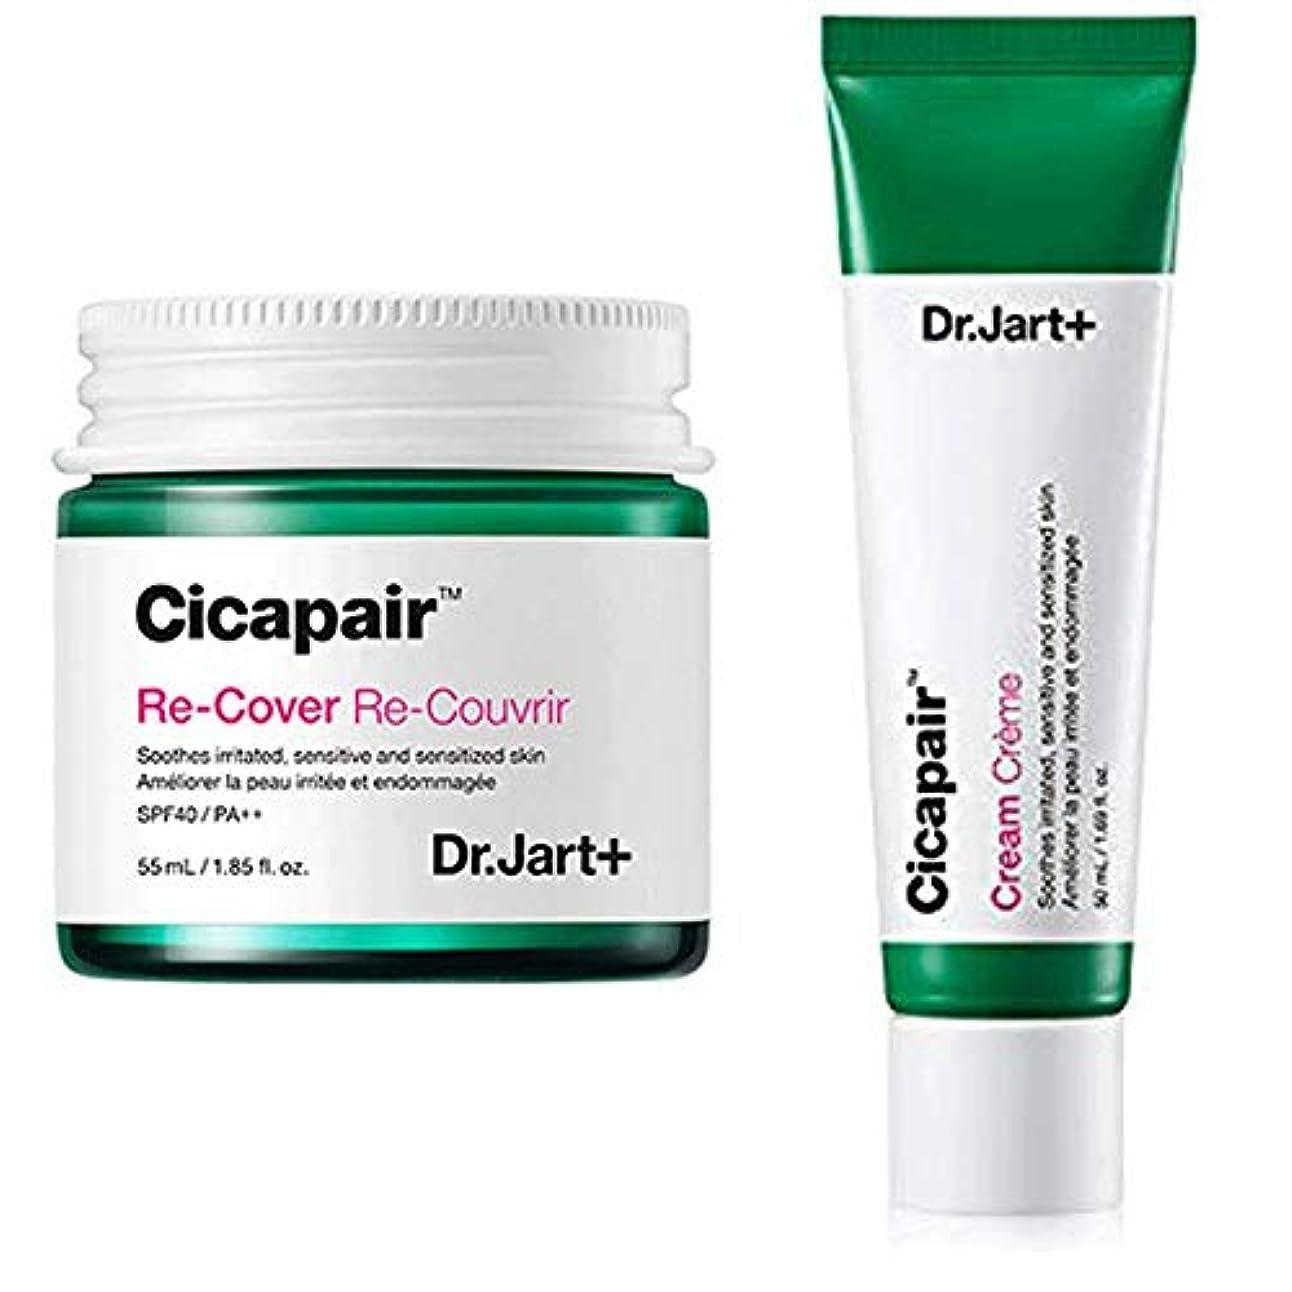 生曇った勧めるDr.Jart+ Cicapair Cream + ReCover ドクタージャルトシカペアクリーム50ml + リカバー 55ml (2代目) セット [並行輸入品]